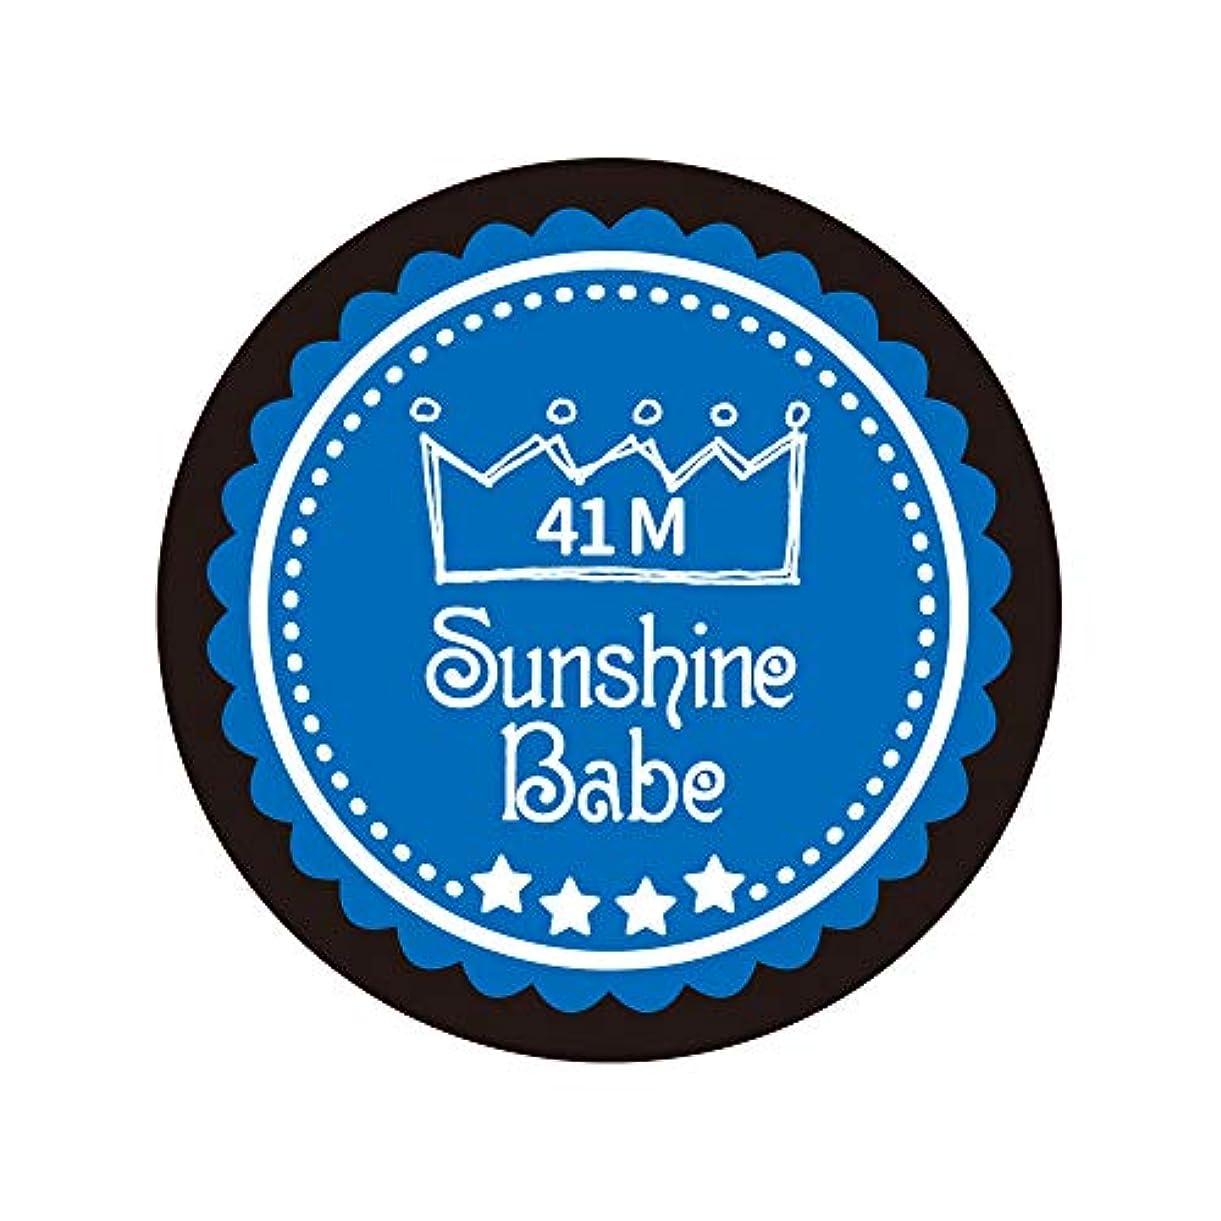 手がかり辞任するであるSunshine Babe カラージェル 41M ネブラスブルー 2.7g UV/LED対応